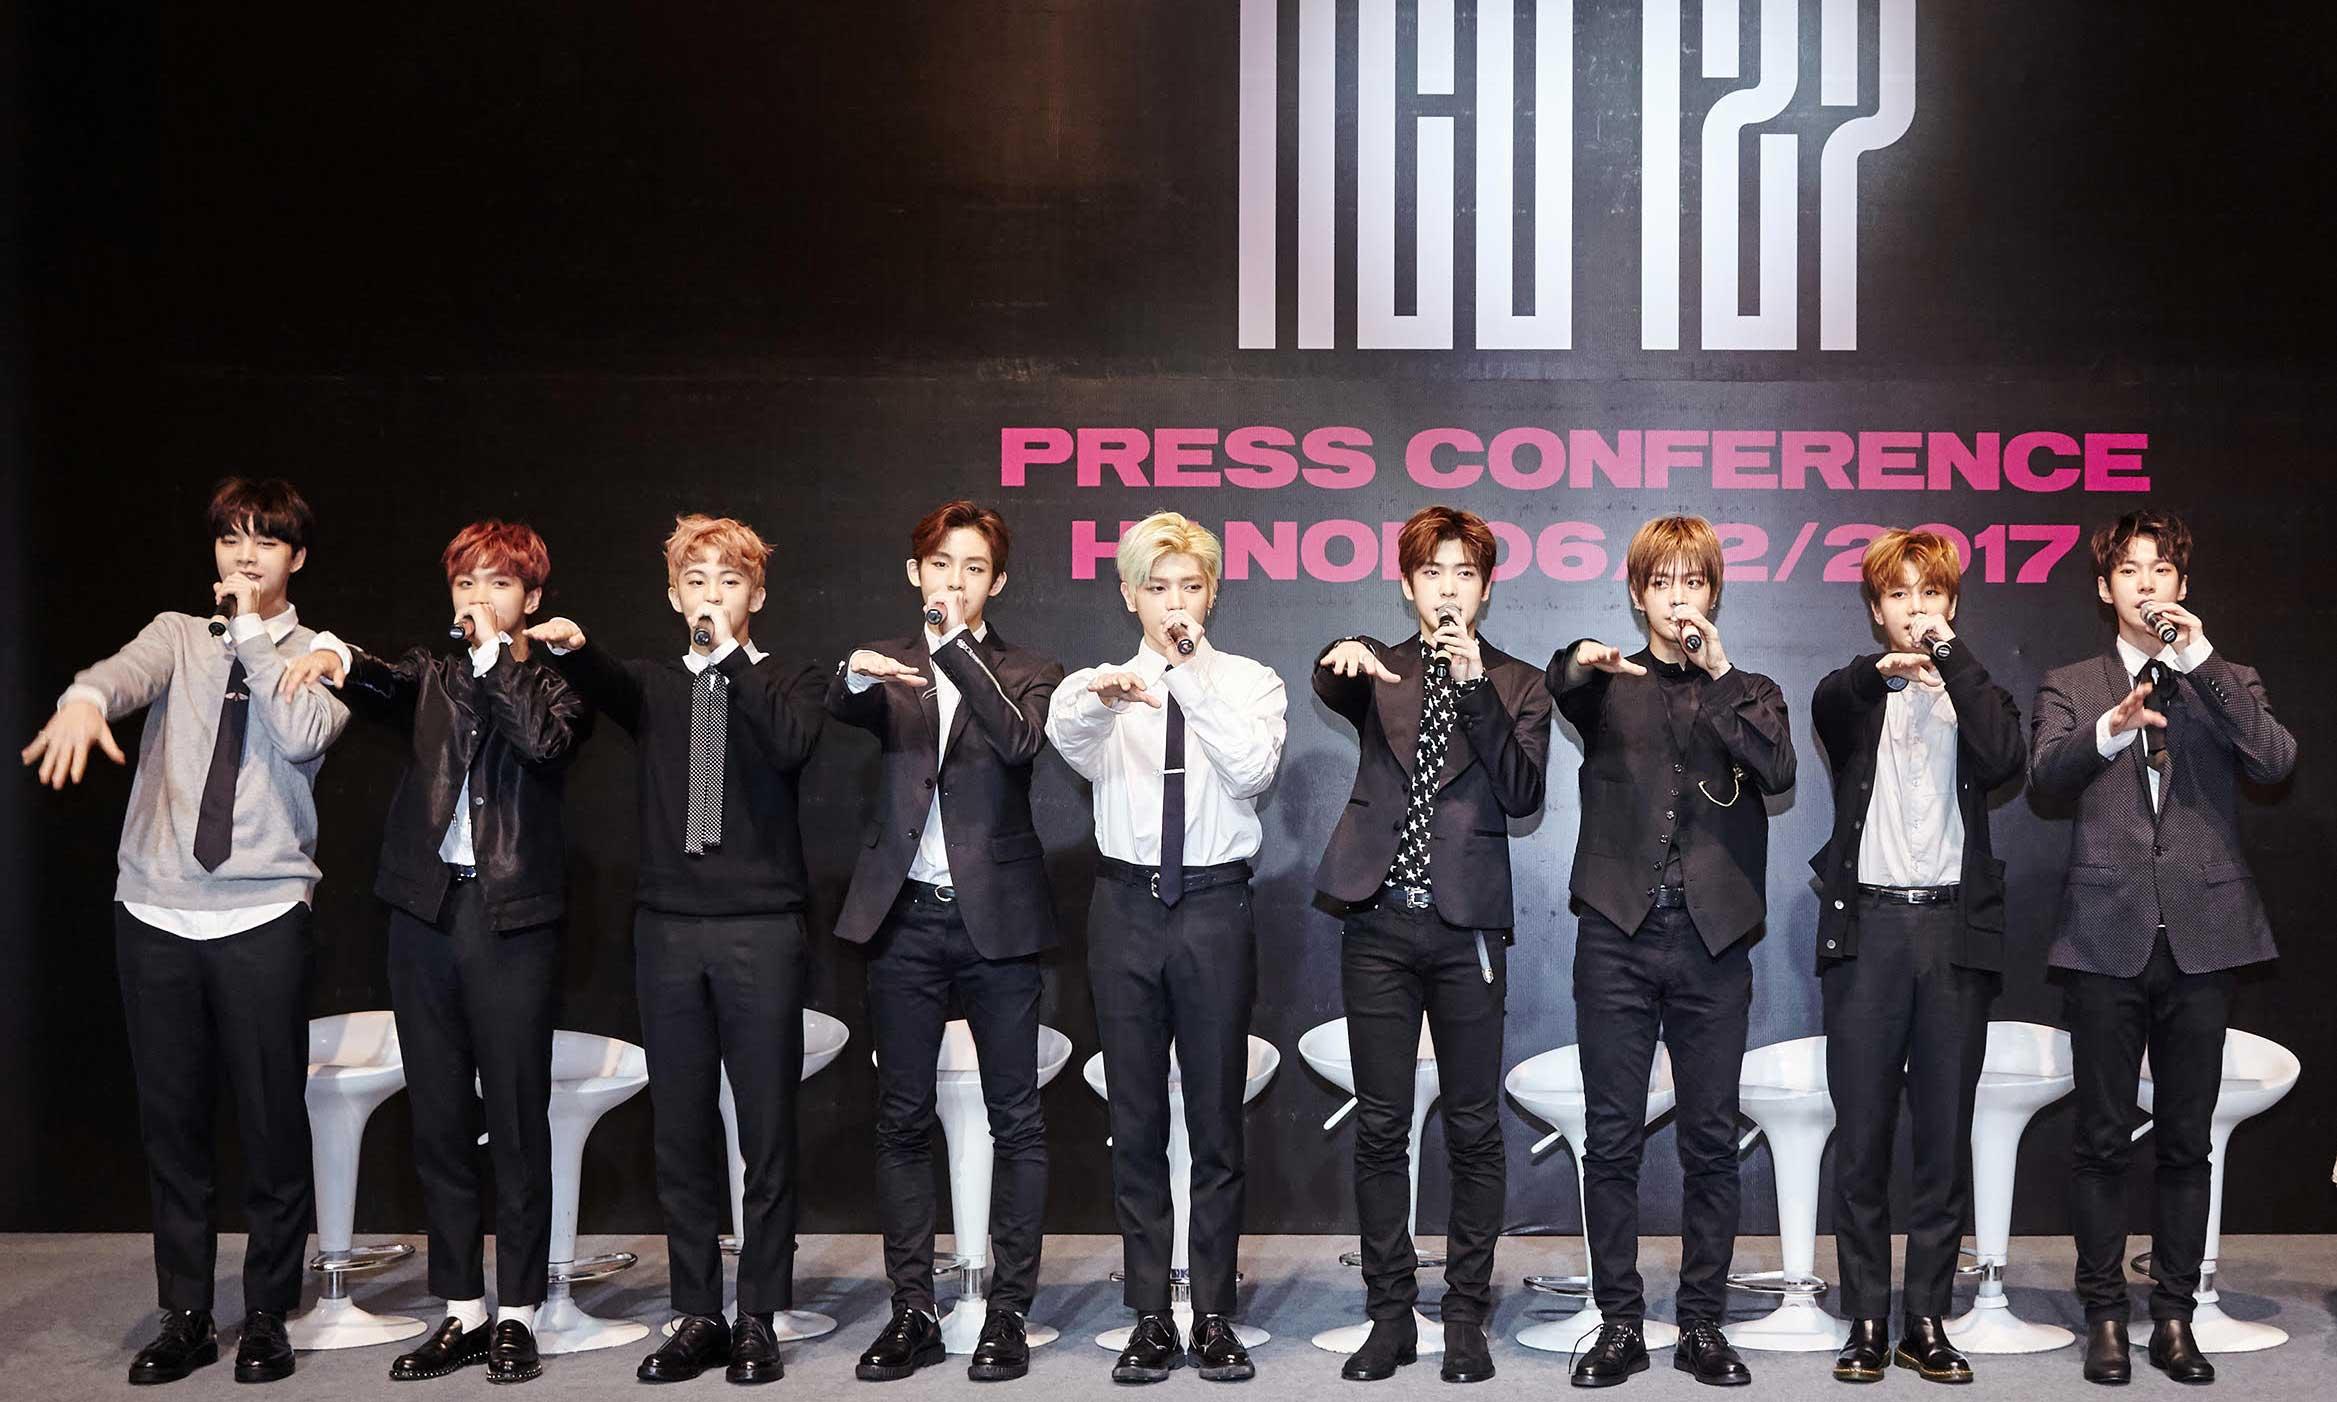 Nhóm nhạc Hàn Quốc NCT 127 đến Việt Nam để ngỏ lời yêu không muốn quay về